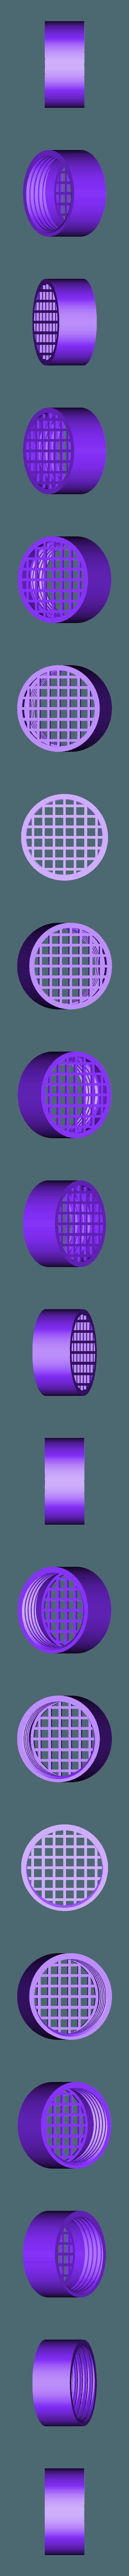 Mascherina_COVID-19_tappo_V2_5.stl Download free STL file Mascherina-COVID-19 • 3D printable design, marcogenito